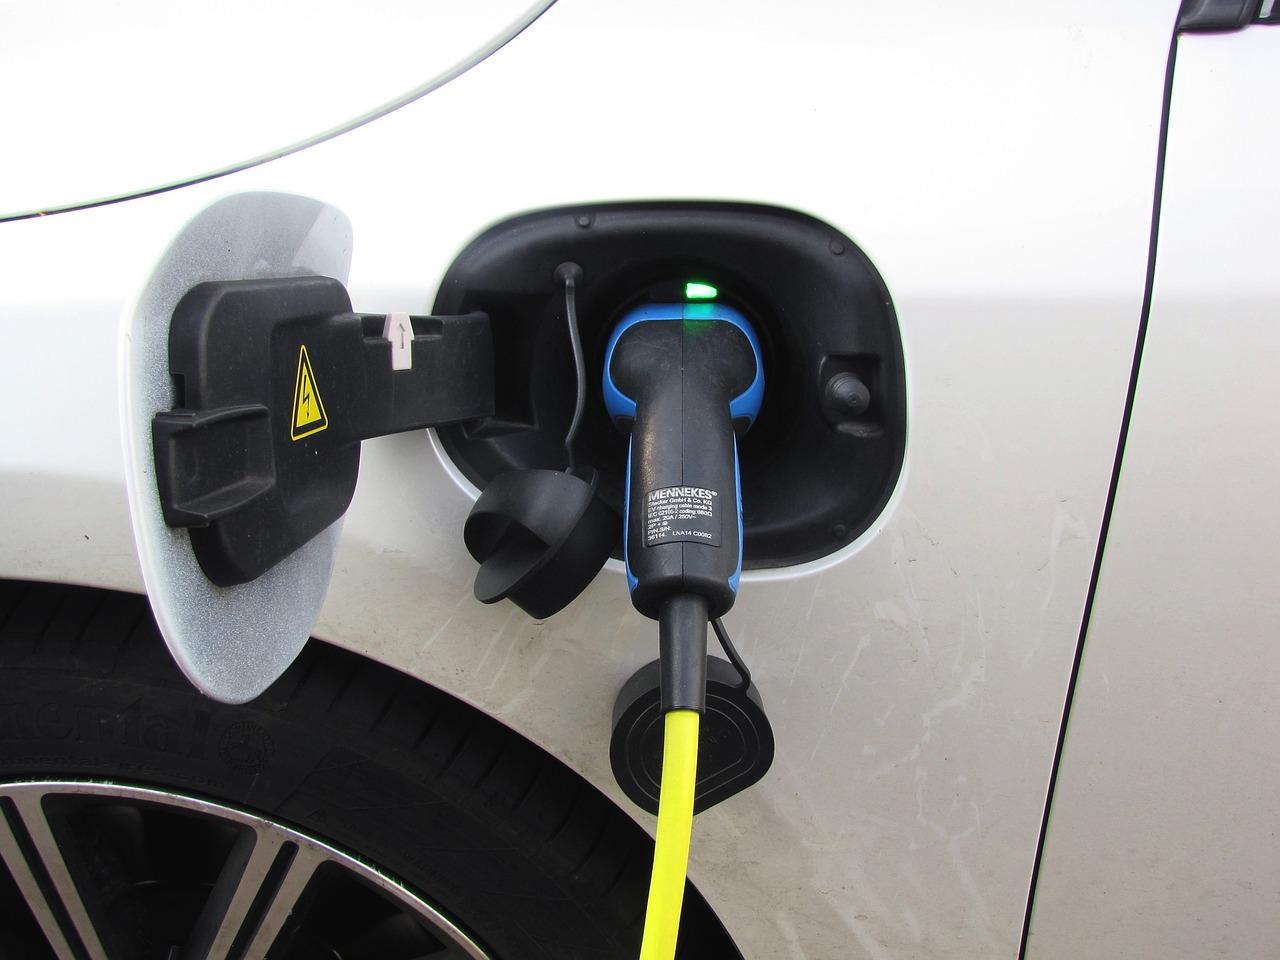 E-Auto Elektroauto Ladesäule Ladekabel